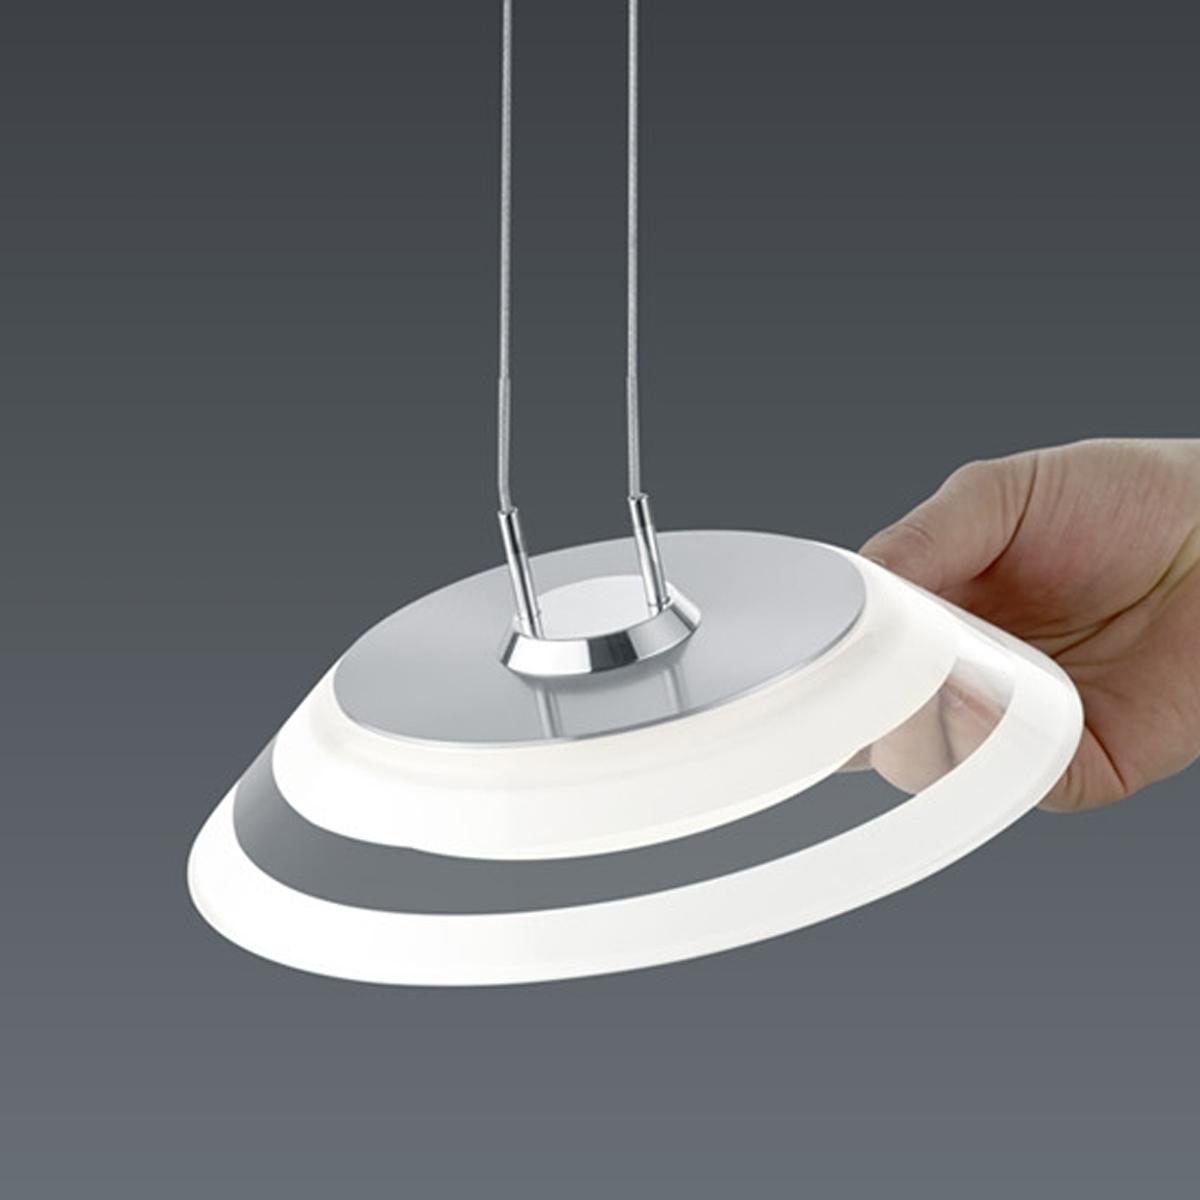 BANKAMP Leuchtenmanufaktur Artikel von BANKAMP Leuchtenmanufaktur LED-Pendelleuchte Callas zur Strada 2145/1-92